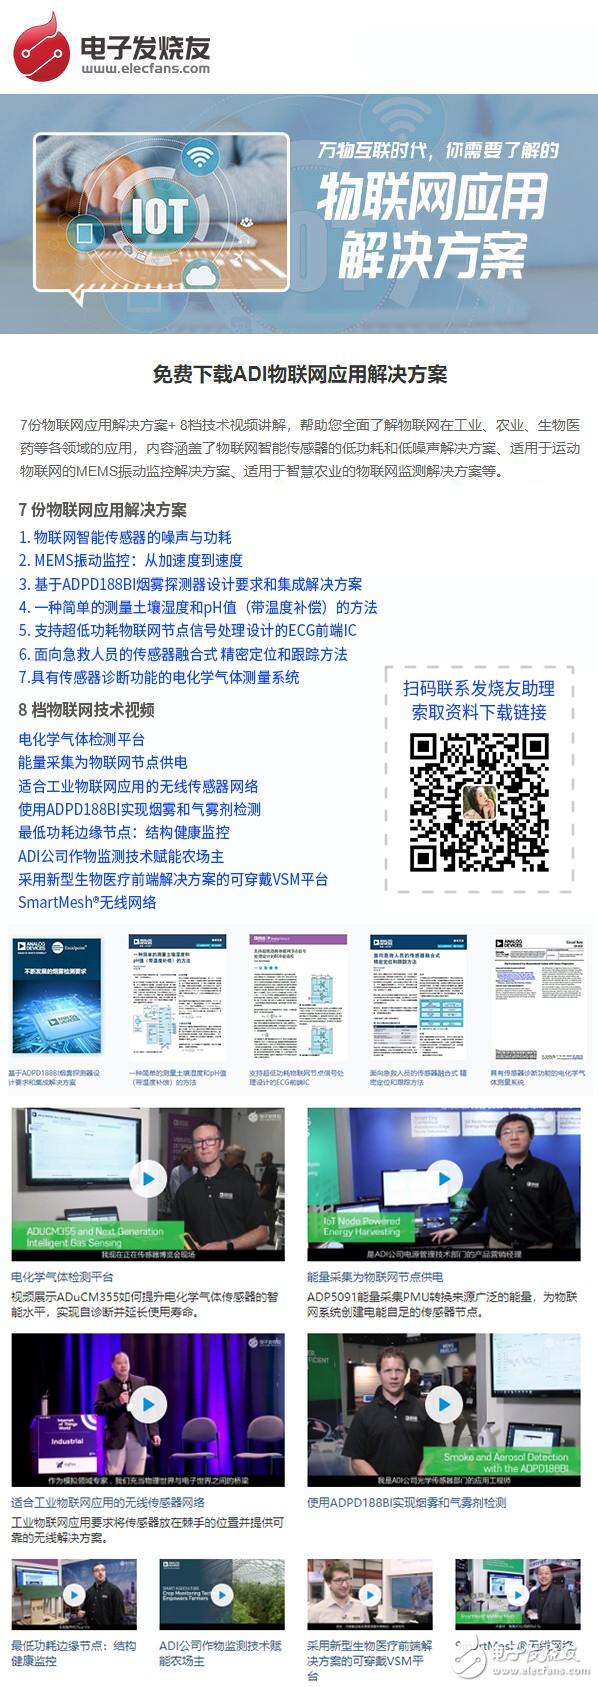 【免费下载】万物互联的时代,你不得不知的物联网应用解决方案(10+份完整项目资料)